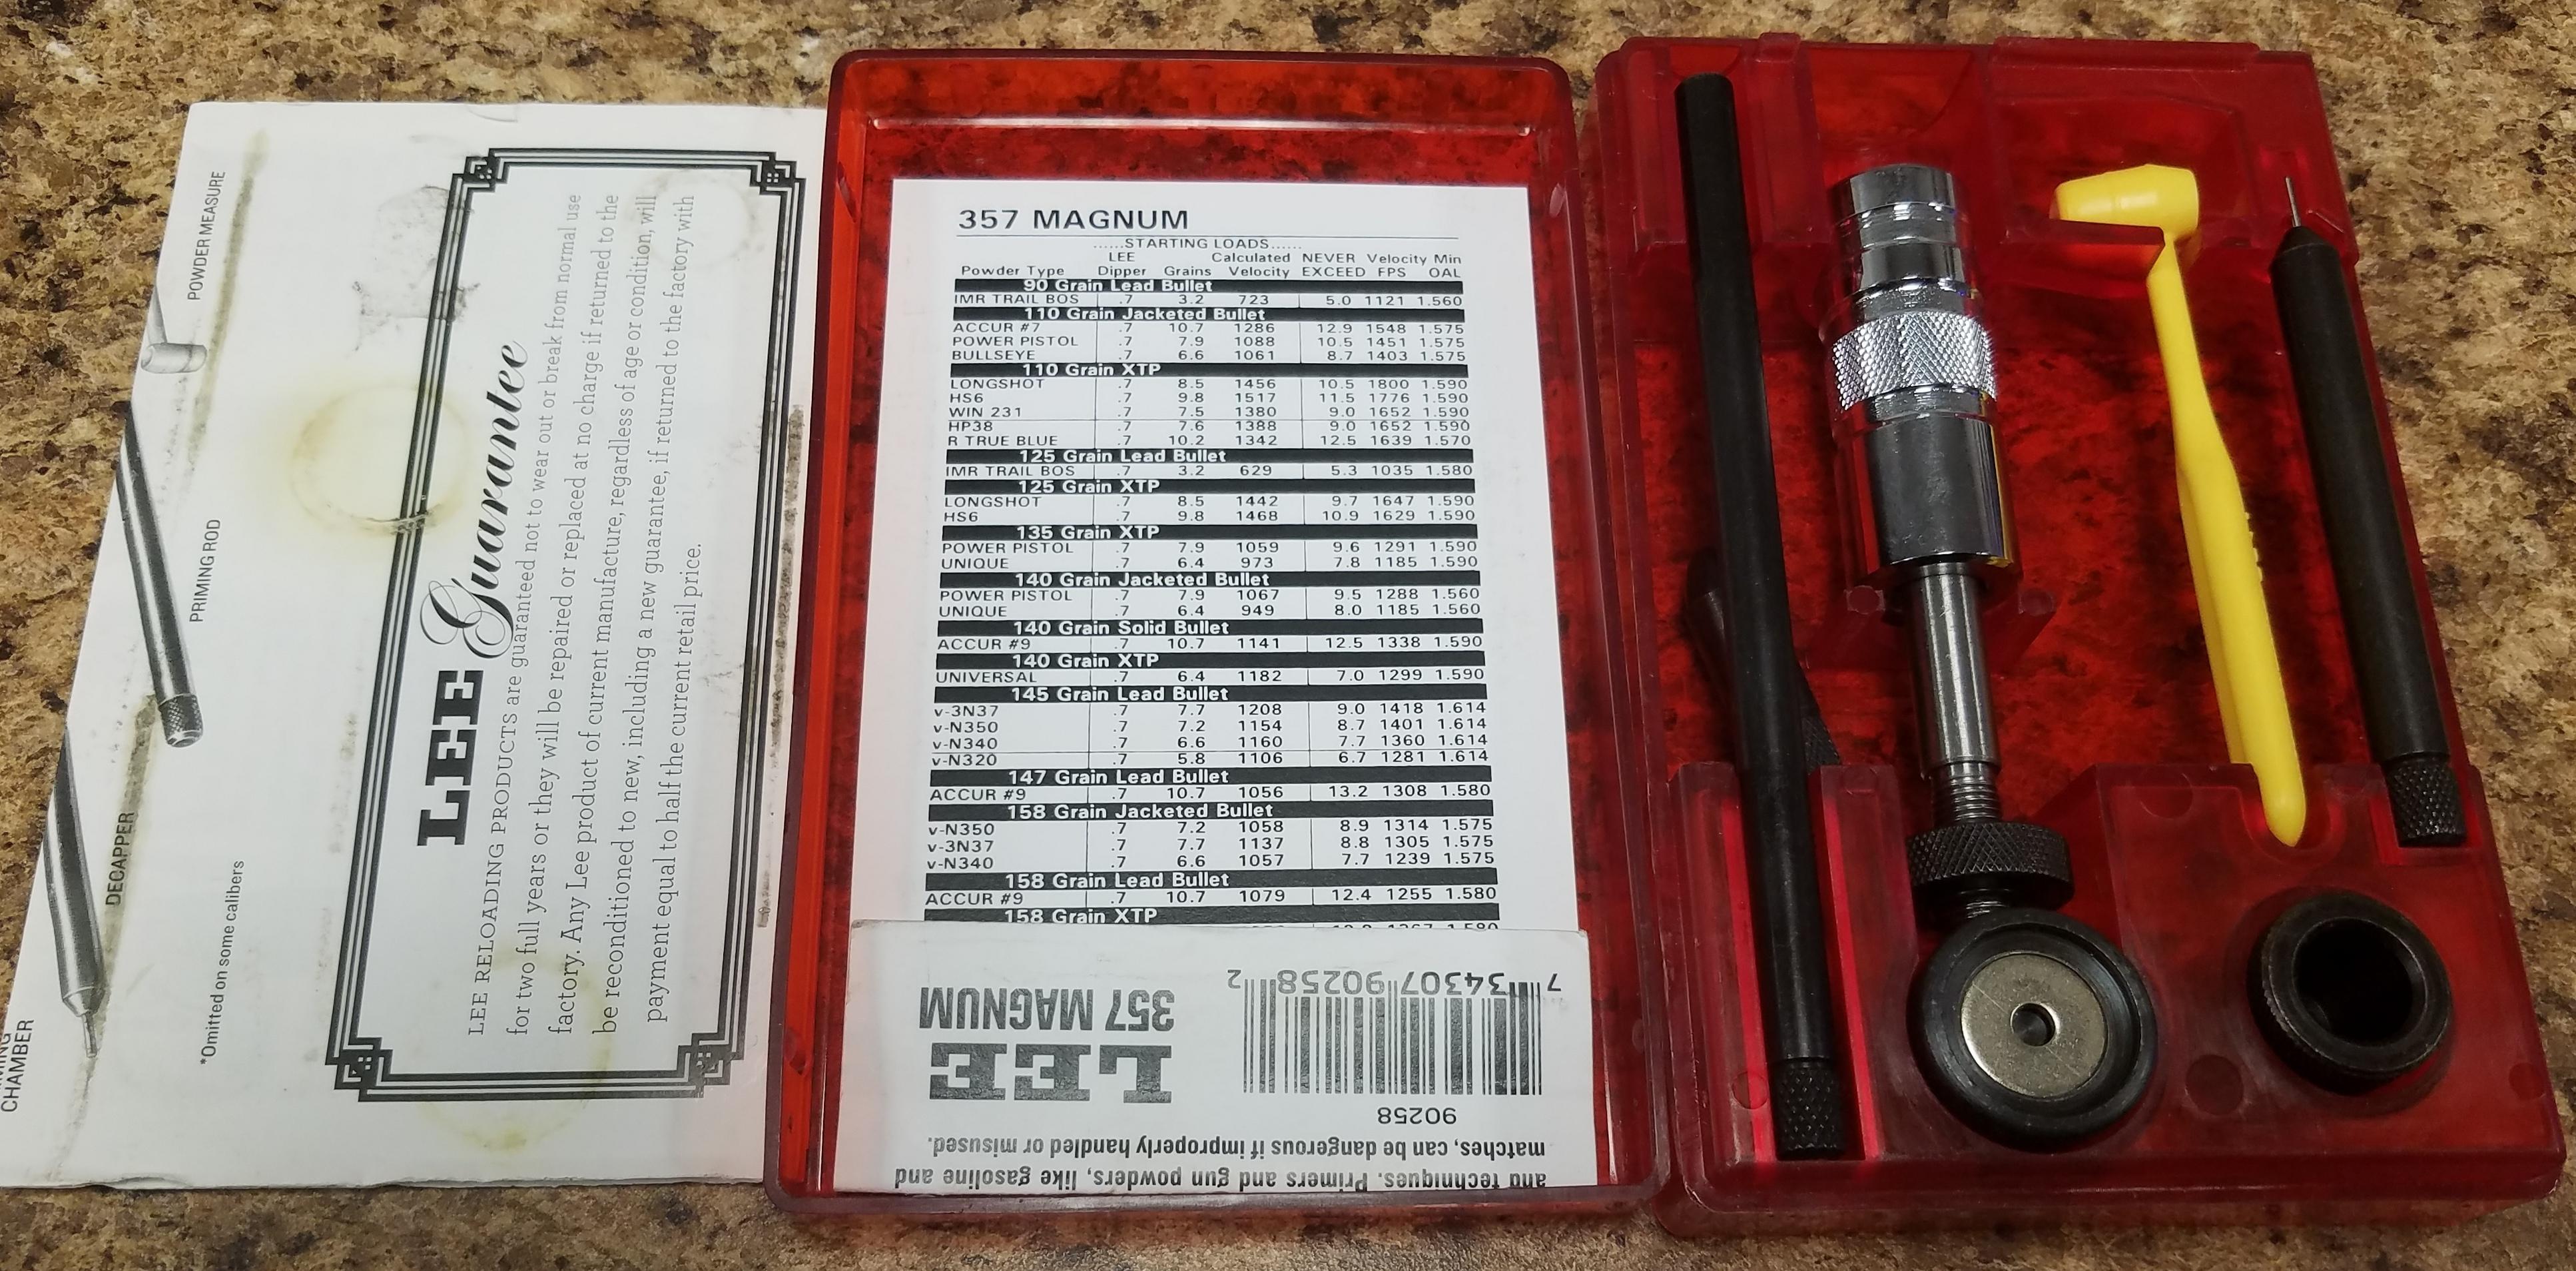 LEE - 357 MAGNUM - RELOAD KIT